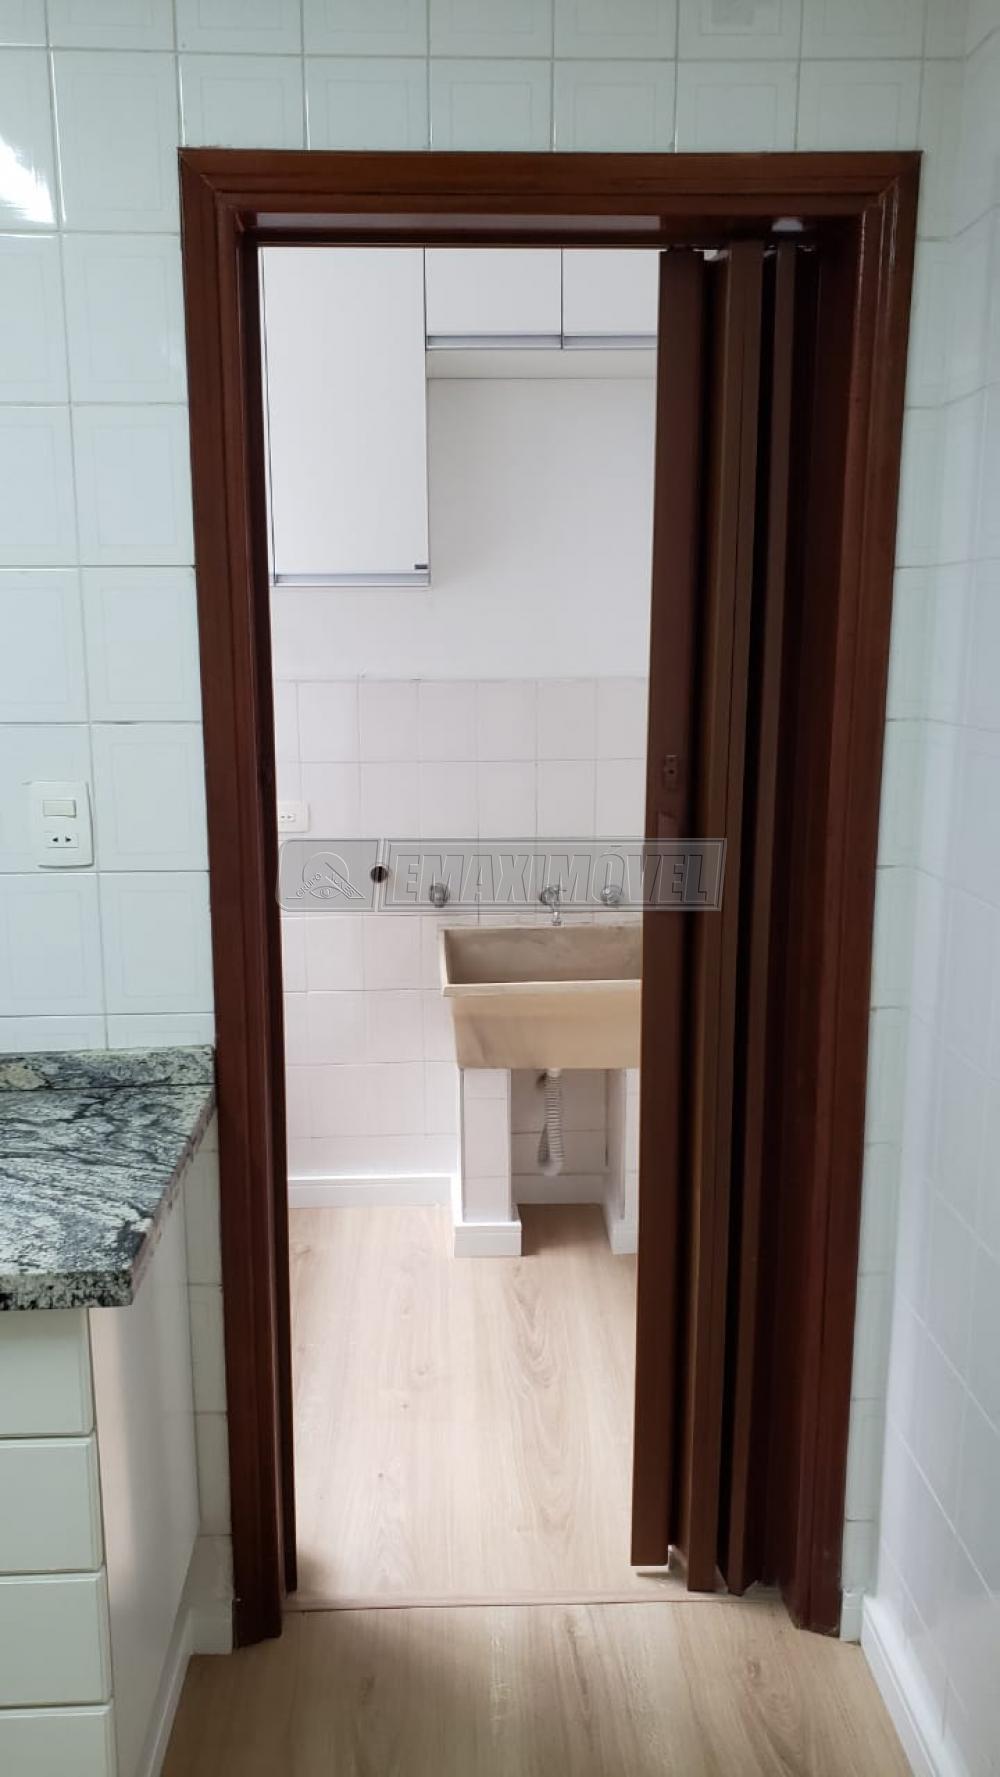 Comprar Apartamentos / Apto Padrão em Sorocaba R$ 217.000,00 - Foto 7